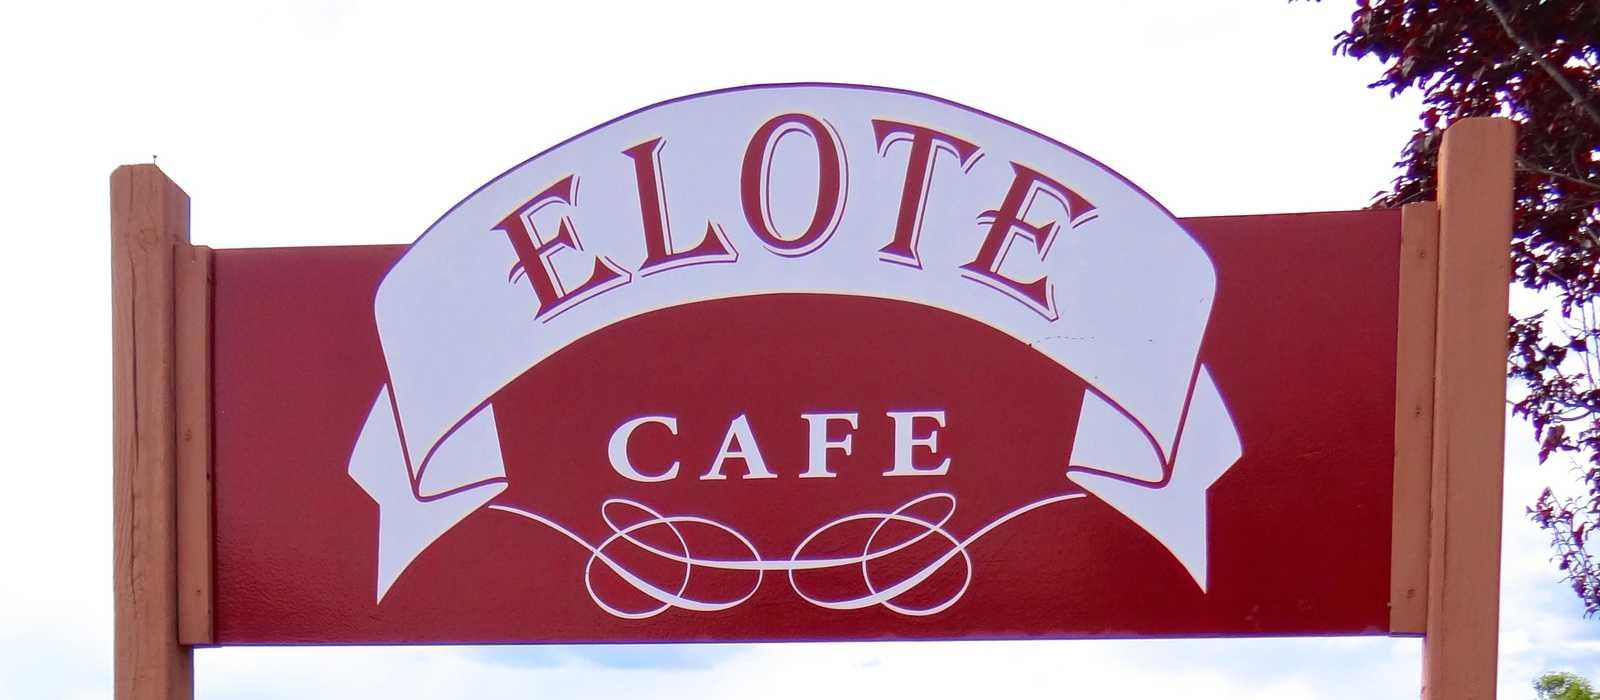 Elote Café